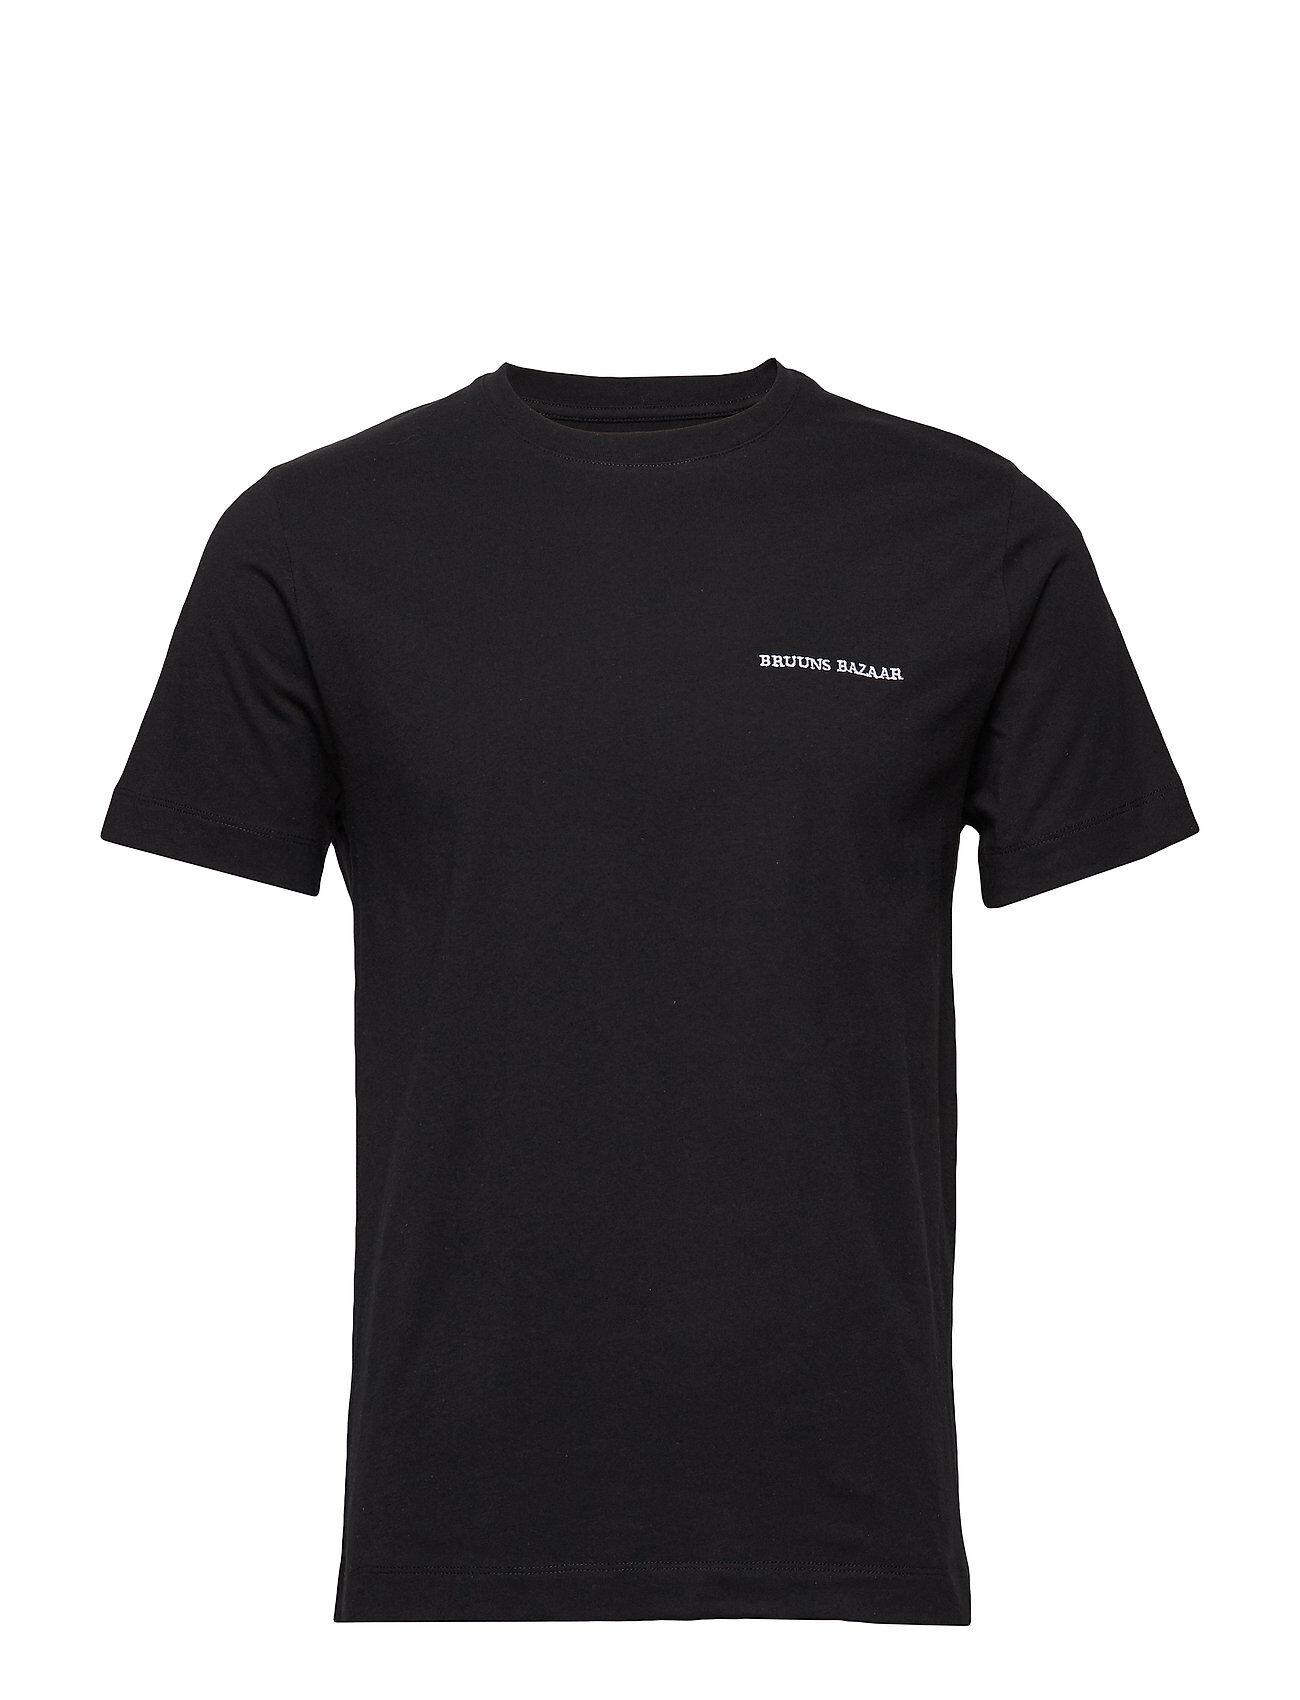 Bruuns Bazaar Gustav Art T-Shirt